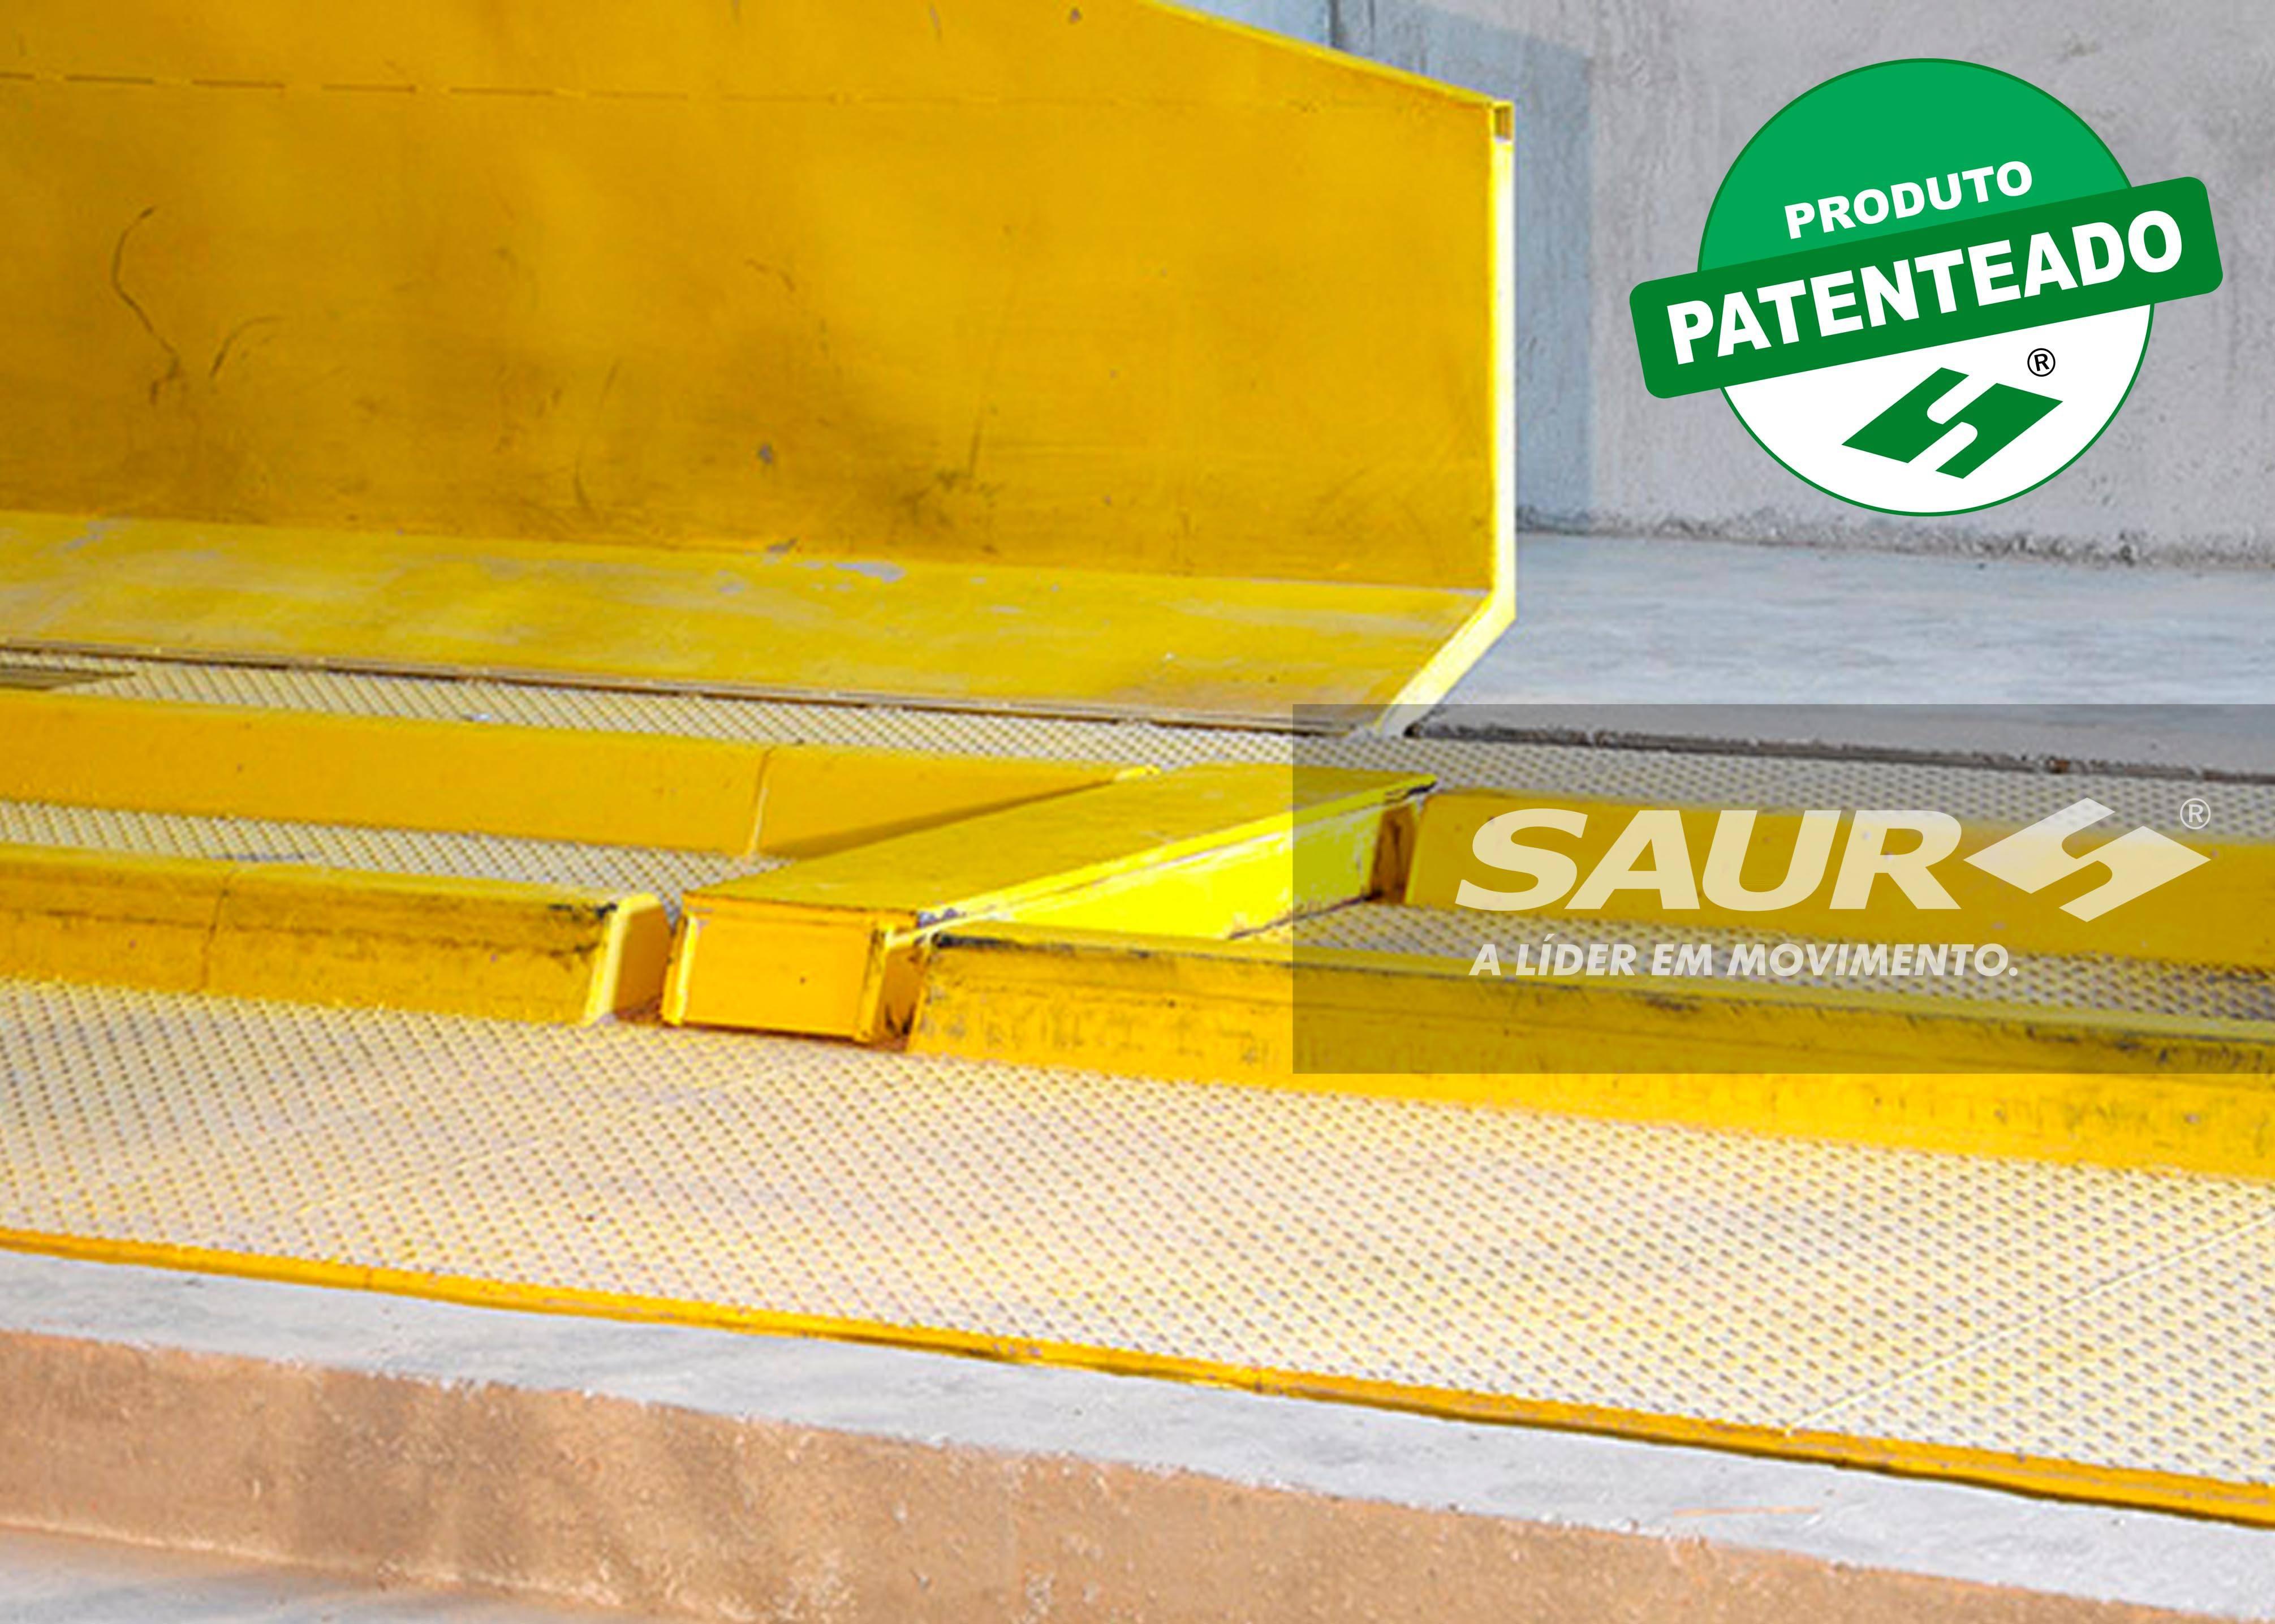 Trava Chassi - (Patente MU 8400244-1)